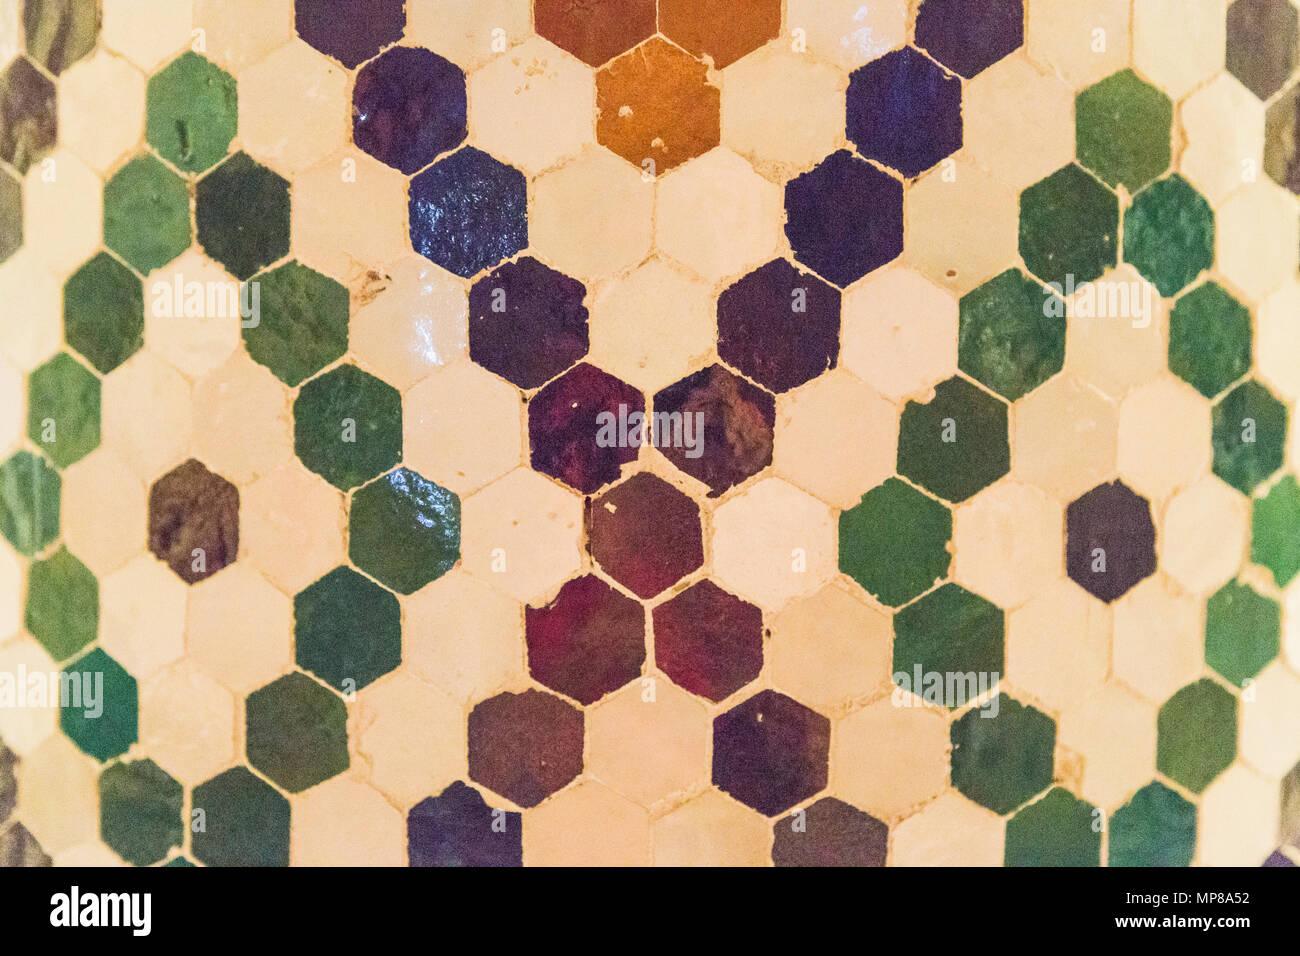 Tipiche piastrelle marocchine foto & immagine stock: 185809710 alamy